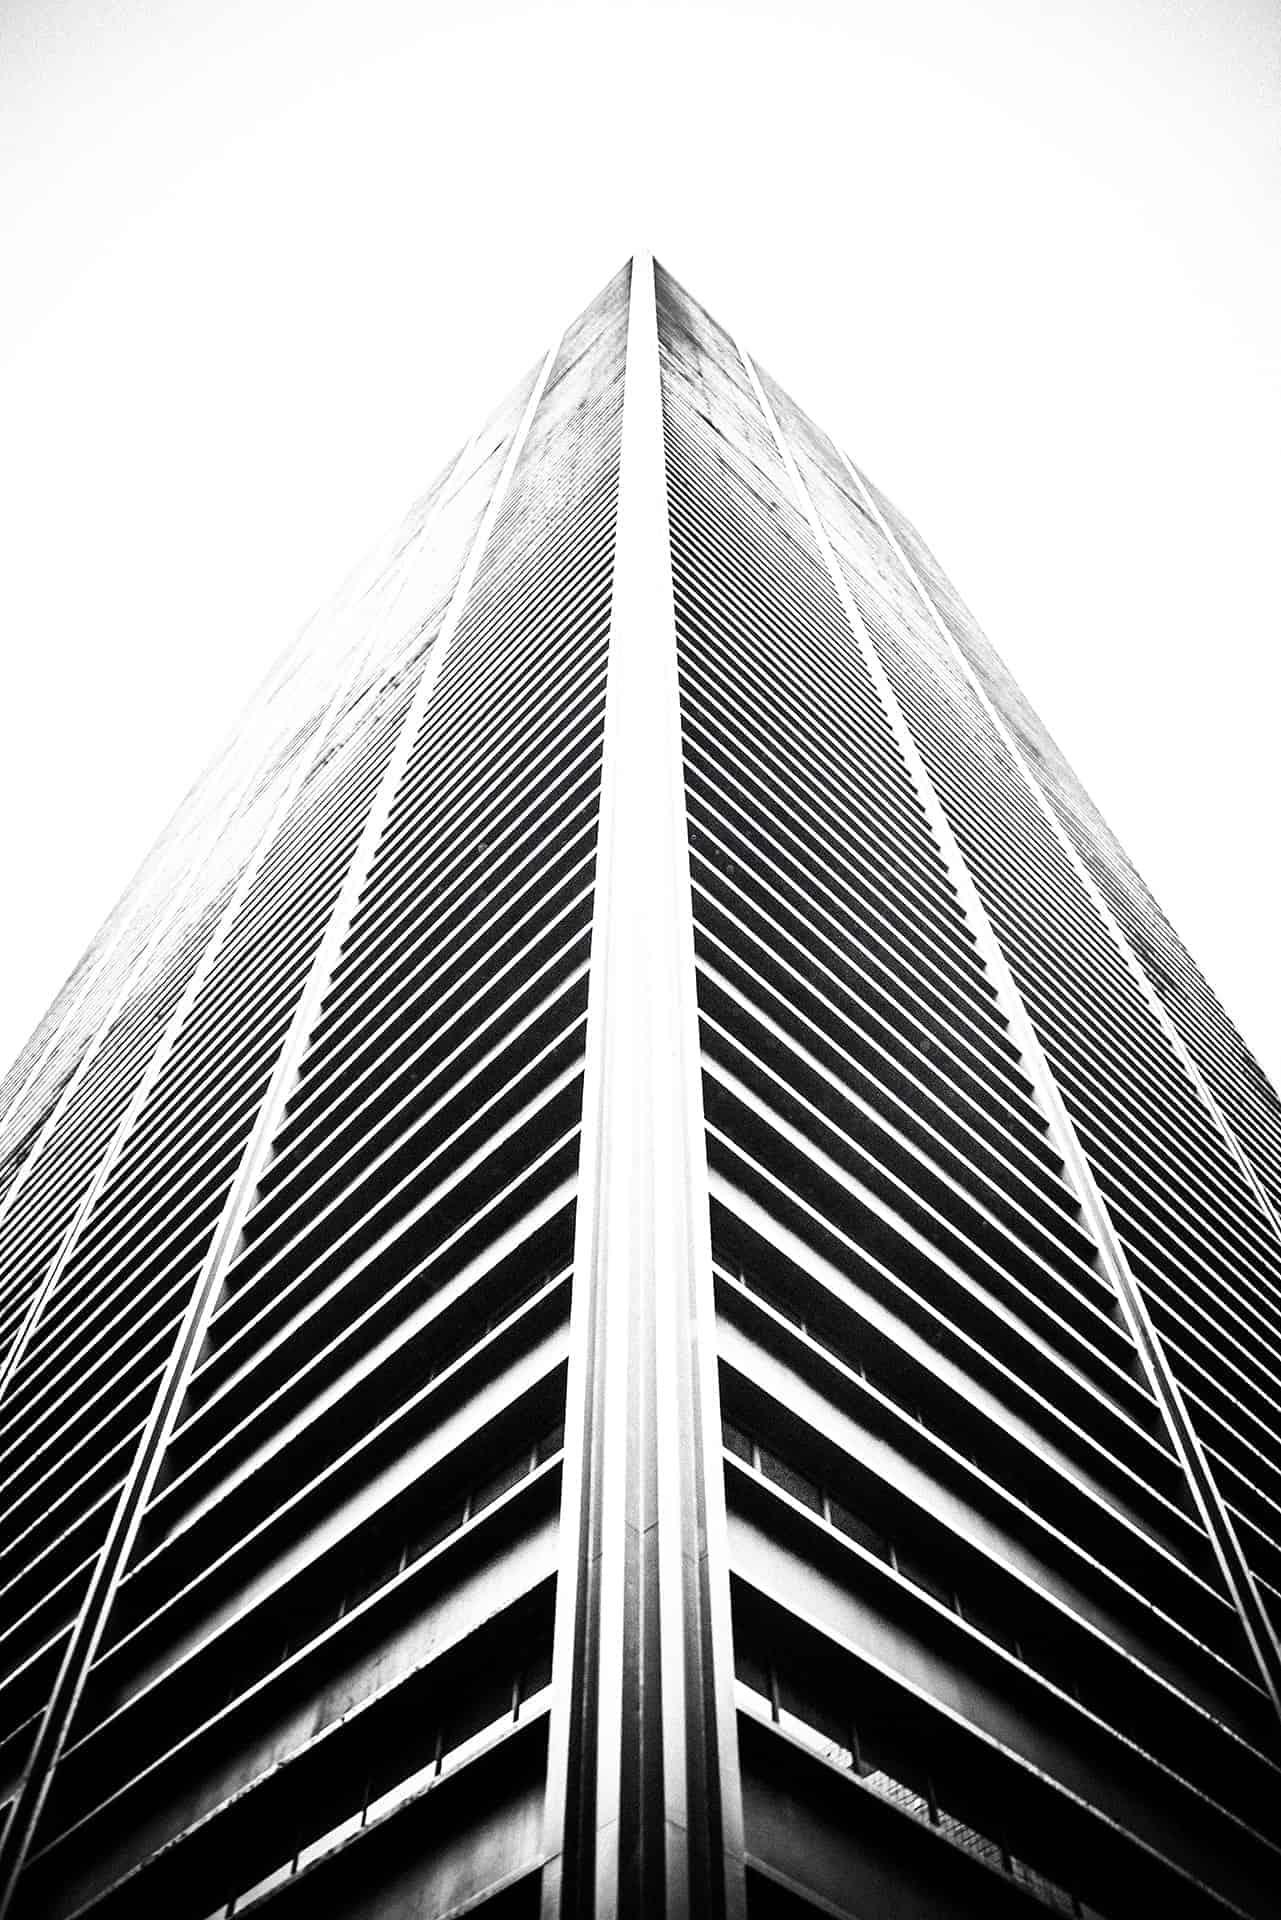 artnorama - Tower